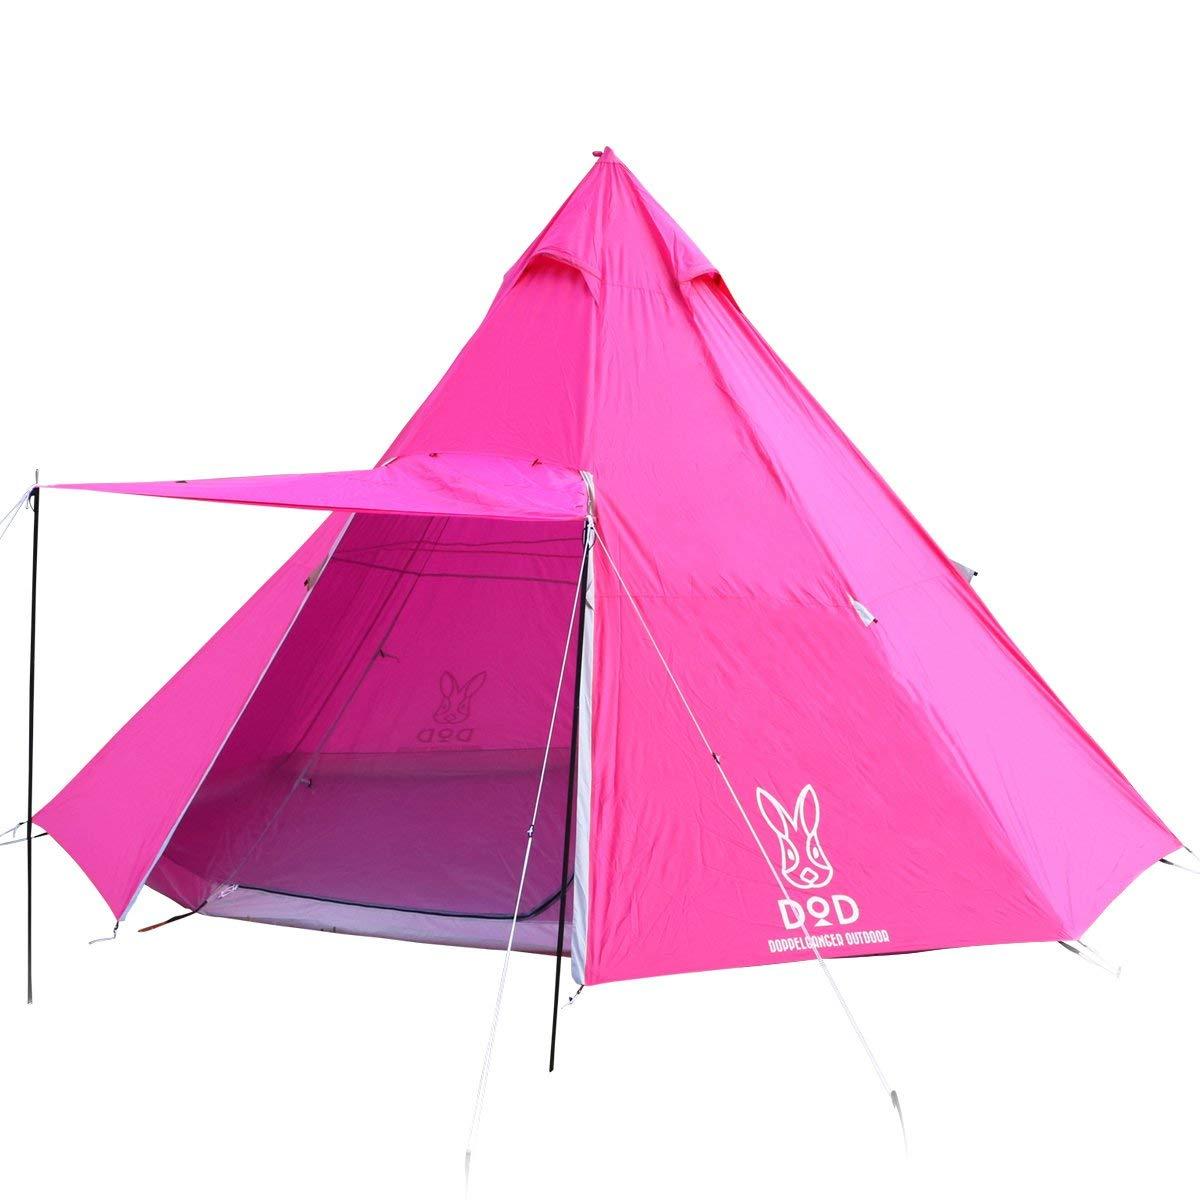 日本 DOPPELGANGER  / DOD 營舞者印地安八人帳 /  露營帳篷 / T8-200。1色-日本必買 日本樂天代購(25920*11)。件件免運 2